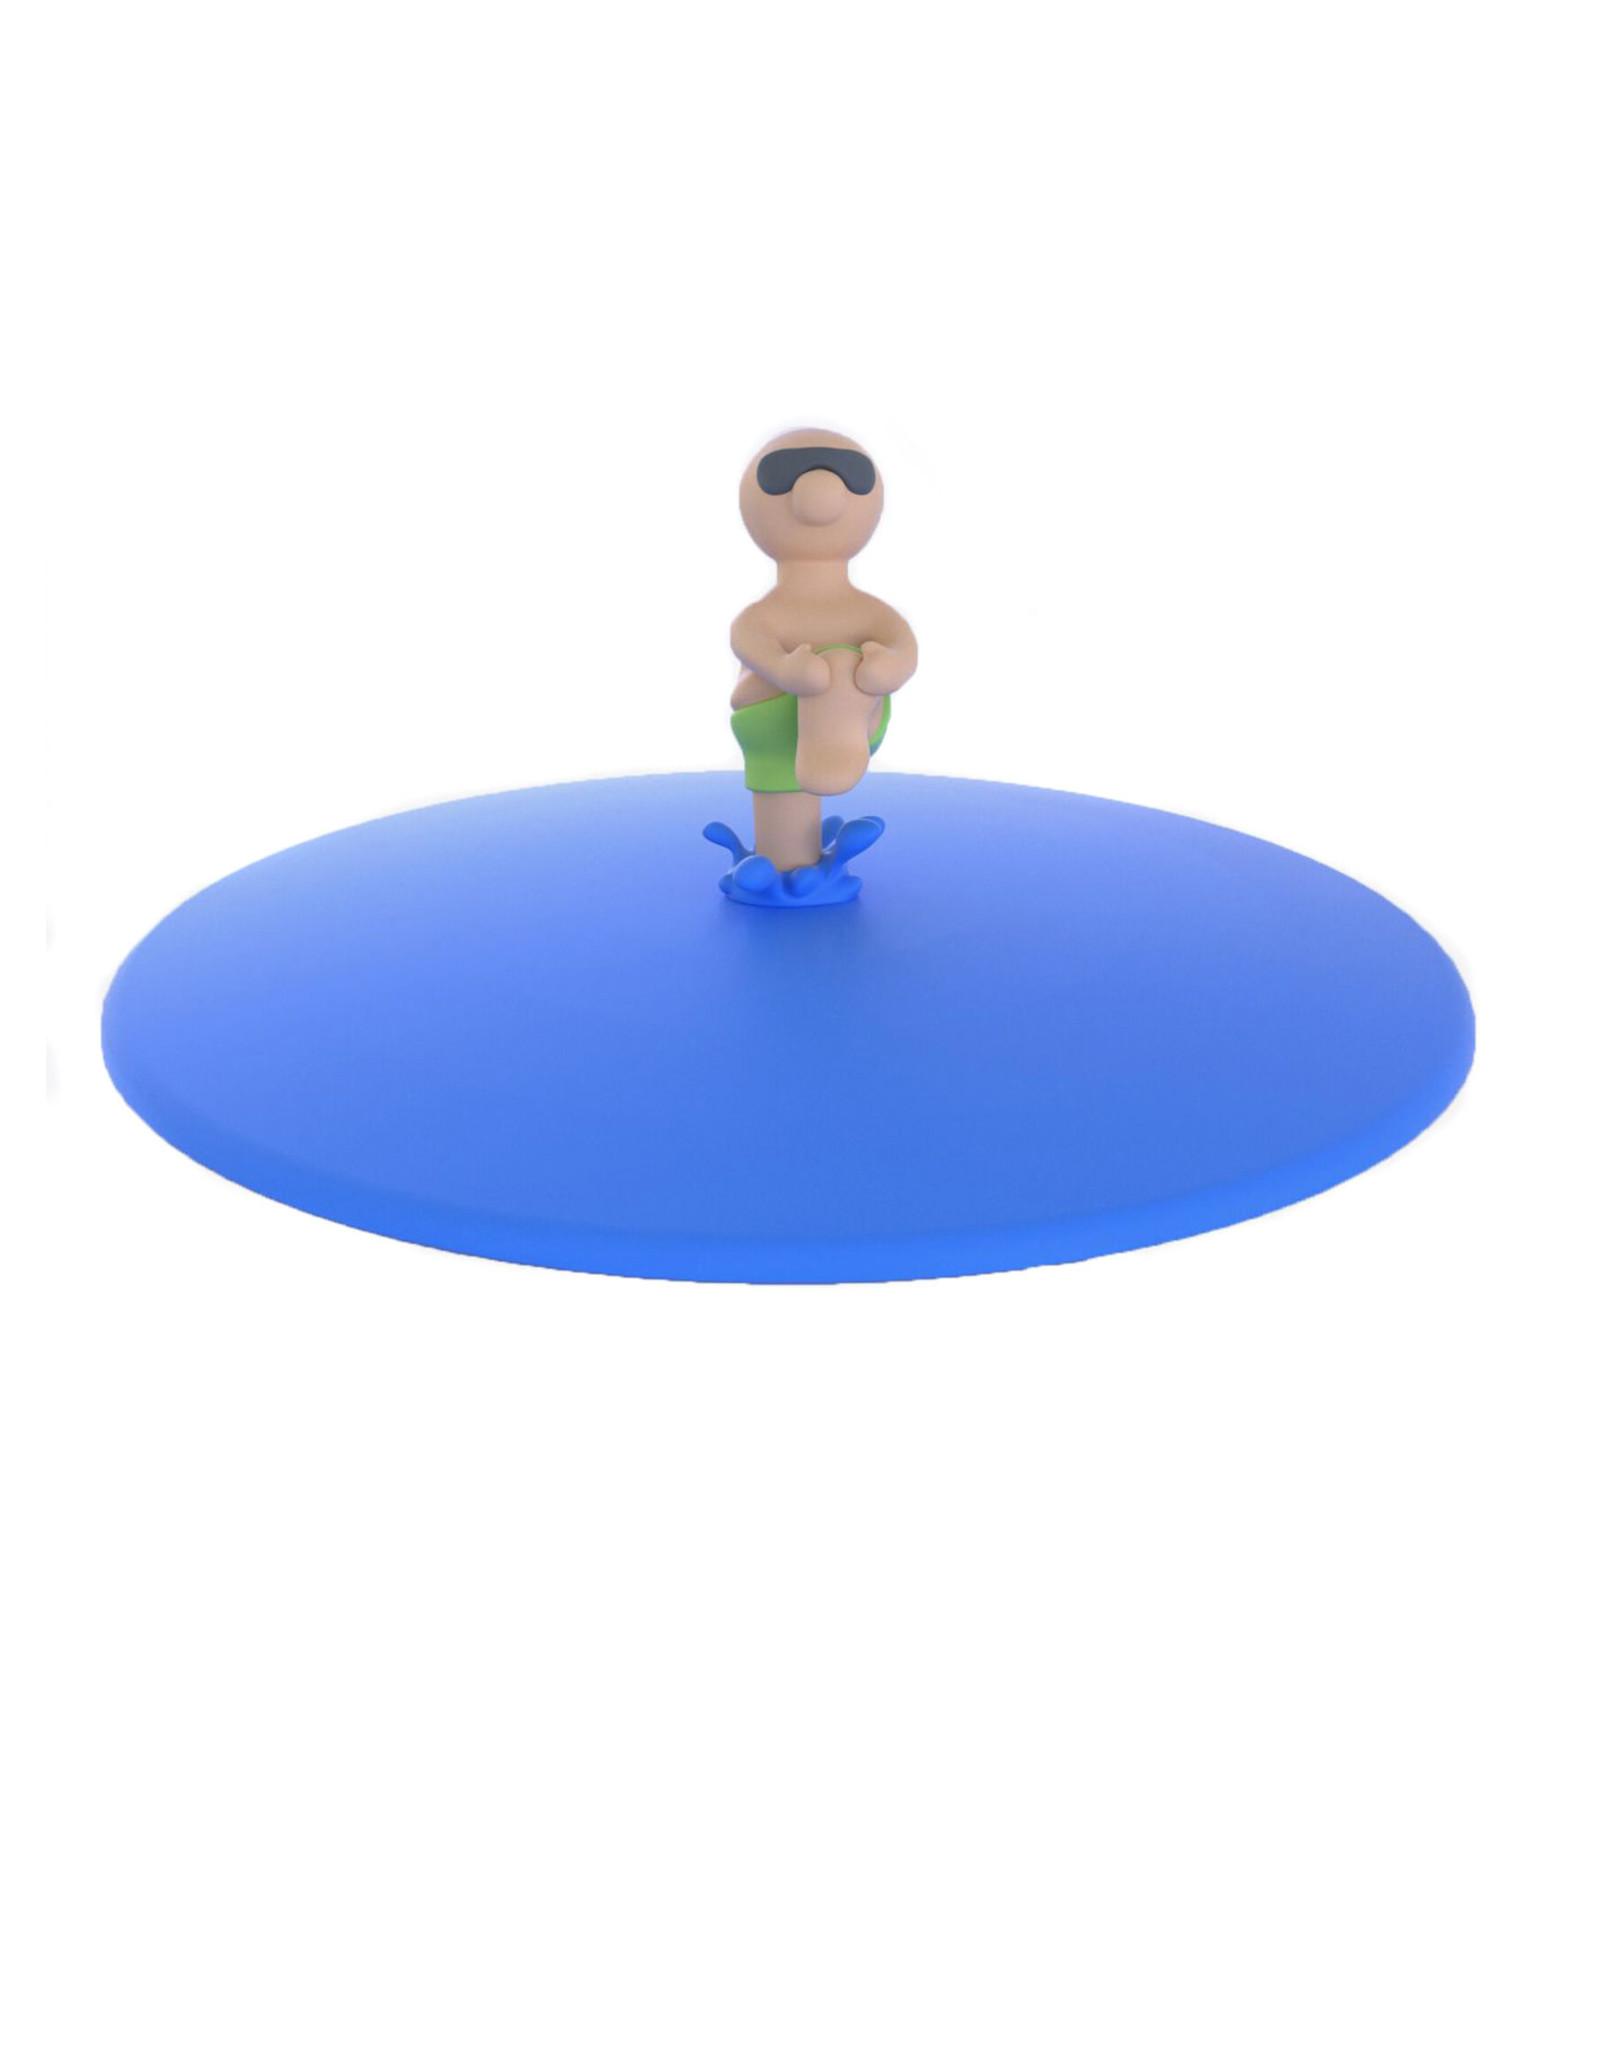 deksel glas mannetje water groen